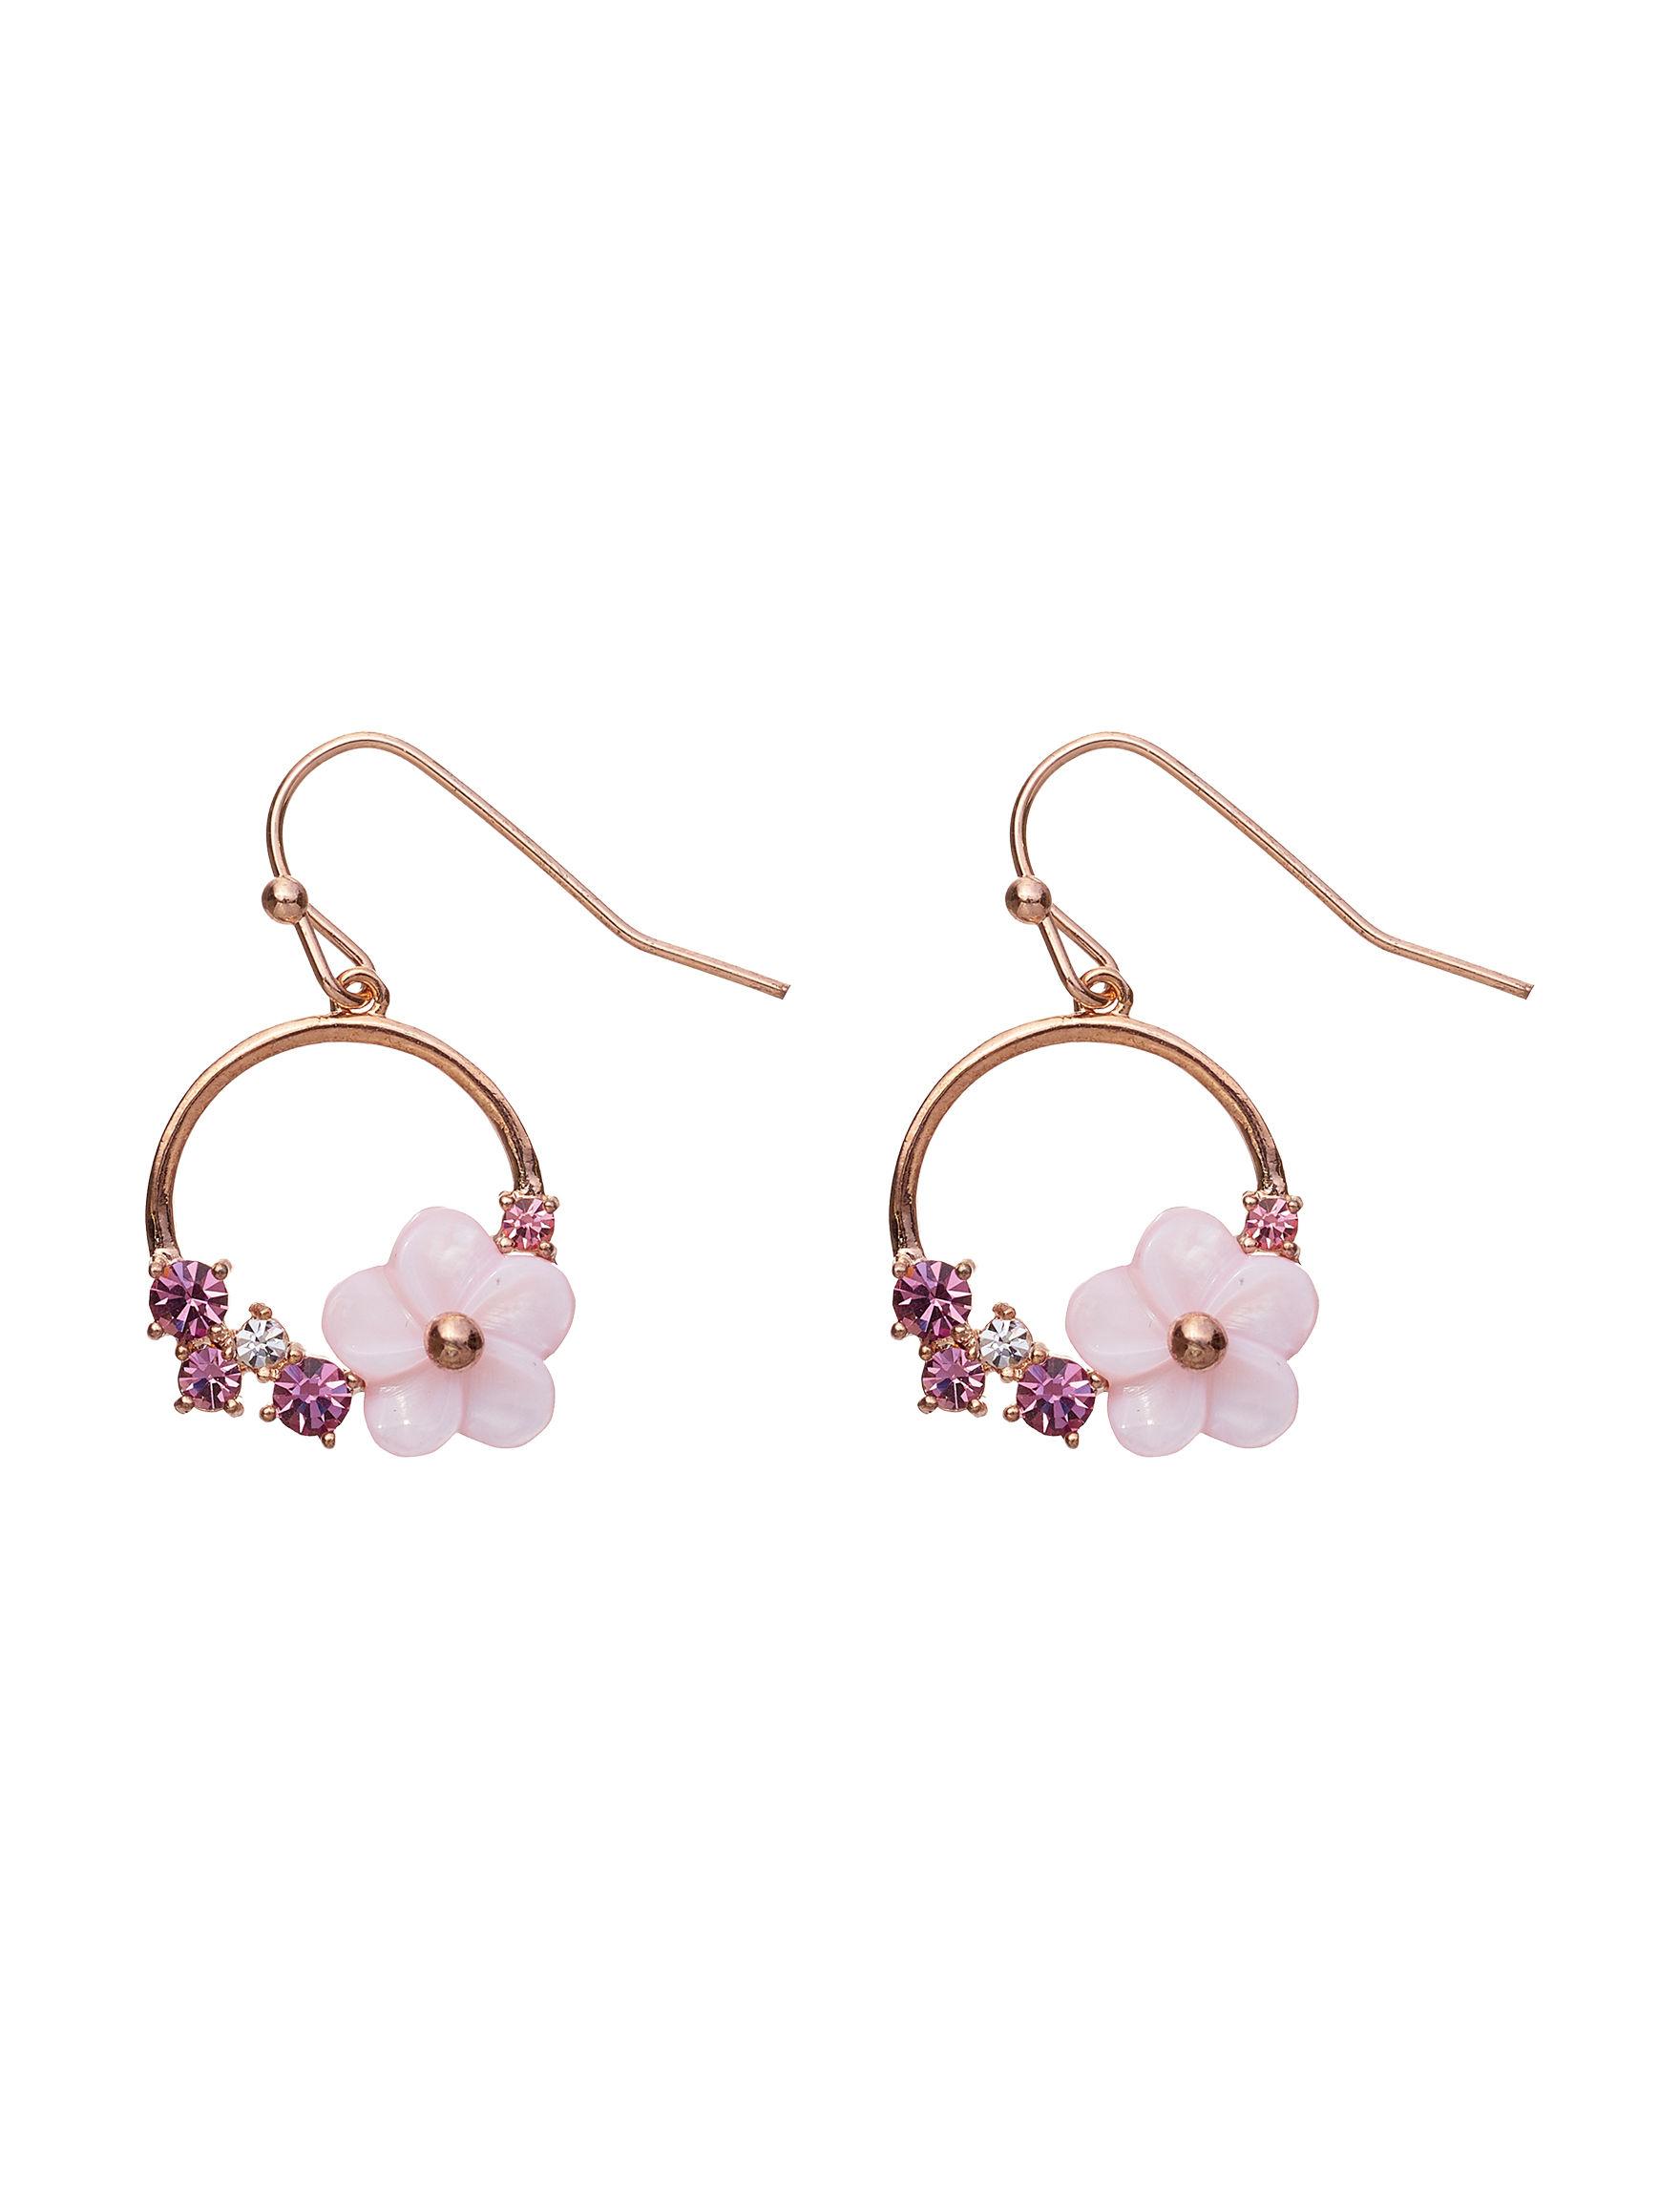 Sunstone Gold / Pink Drops Earrings Fine Jewelry